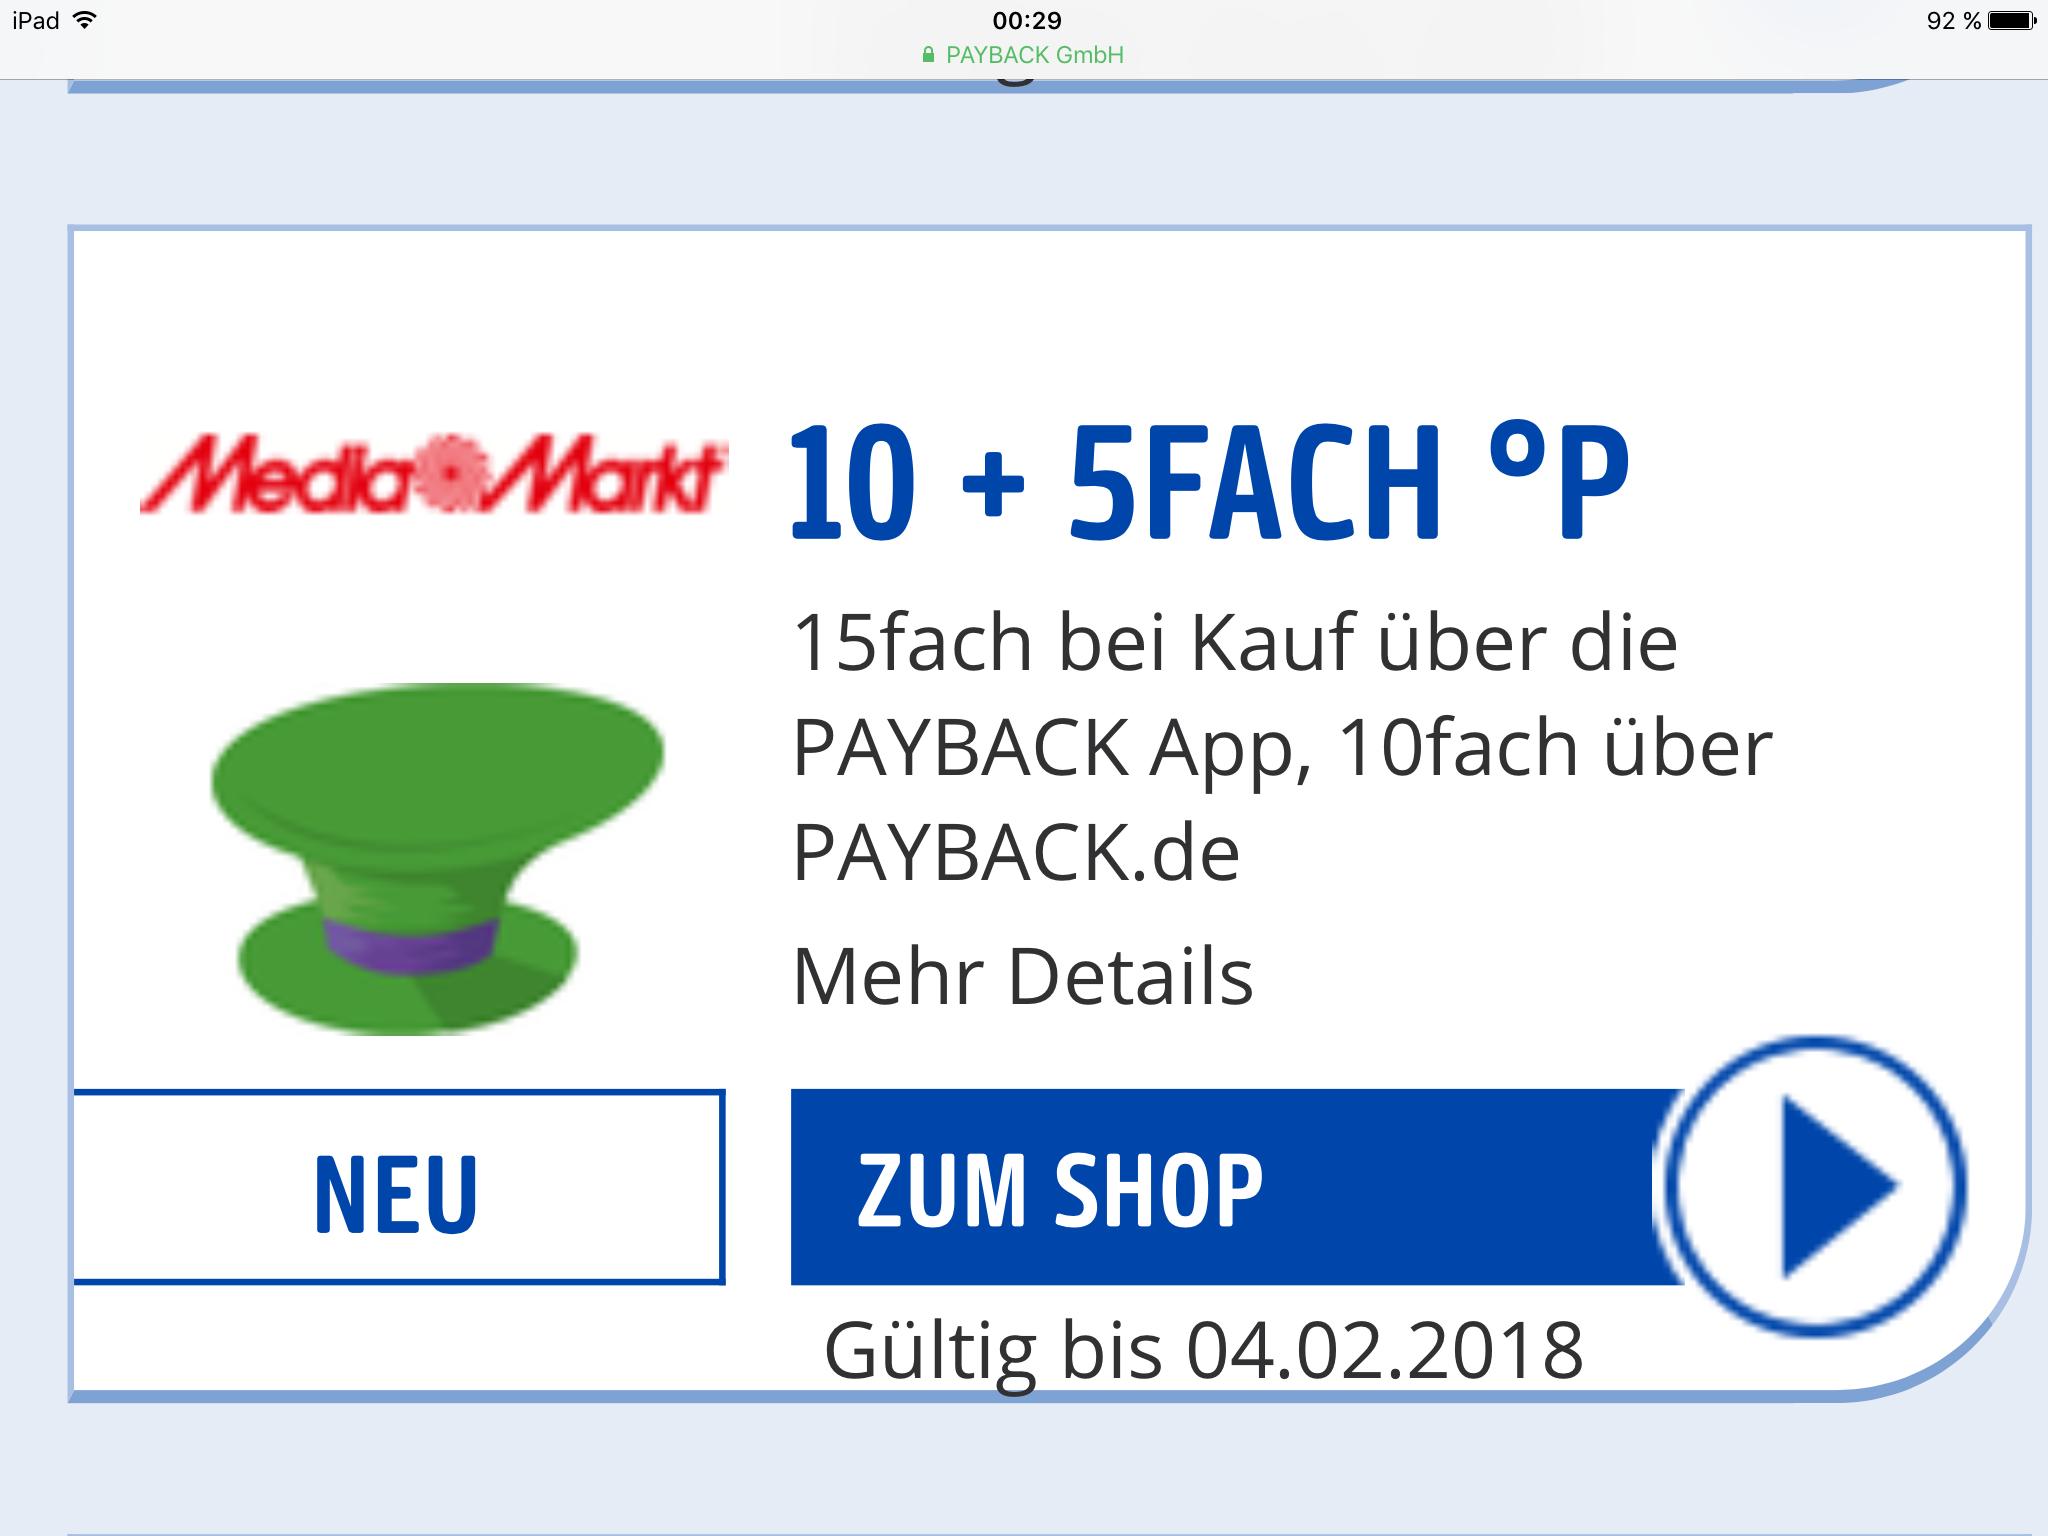 Payback 15fach Paybackpunkte Media Markt  über die App 10fach ohne App